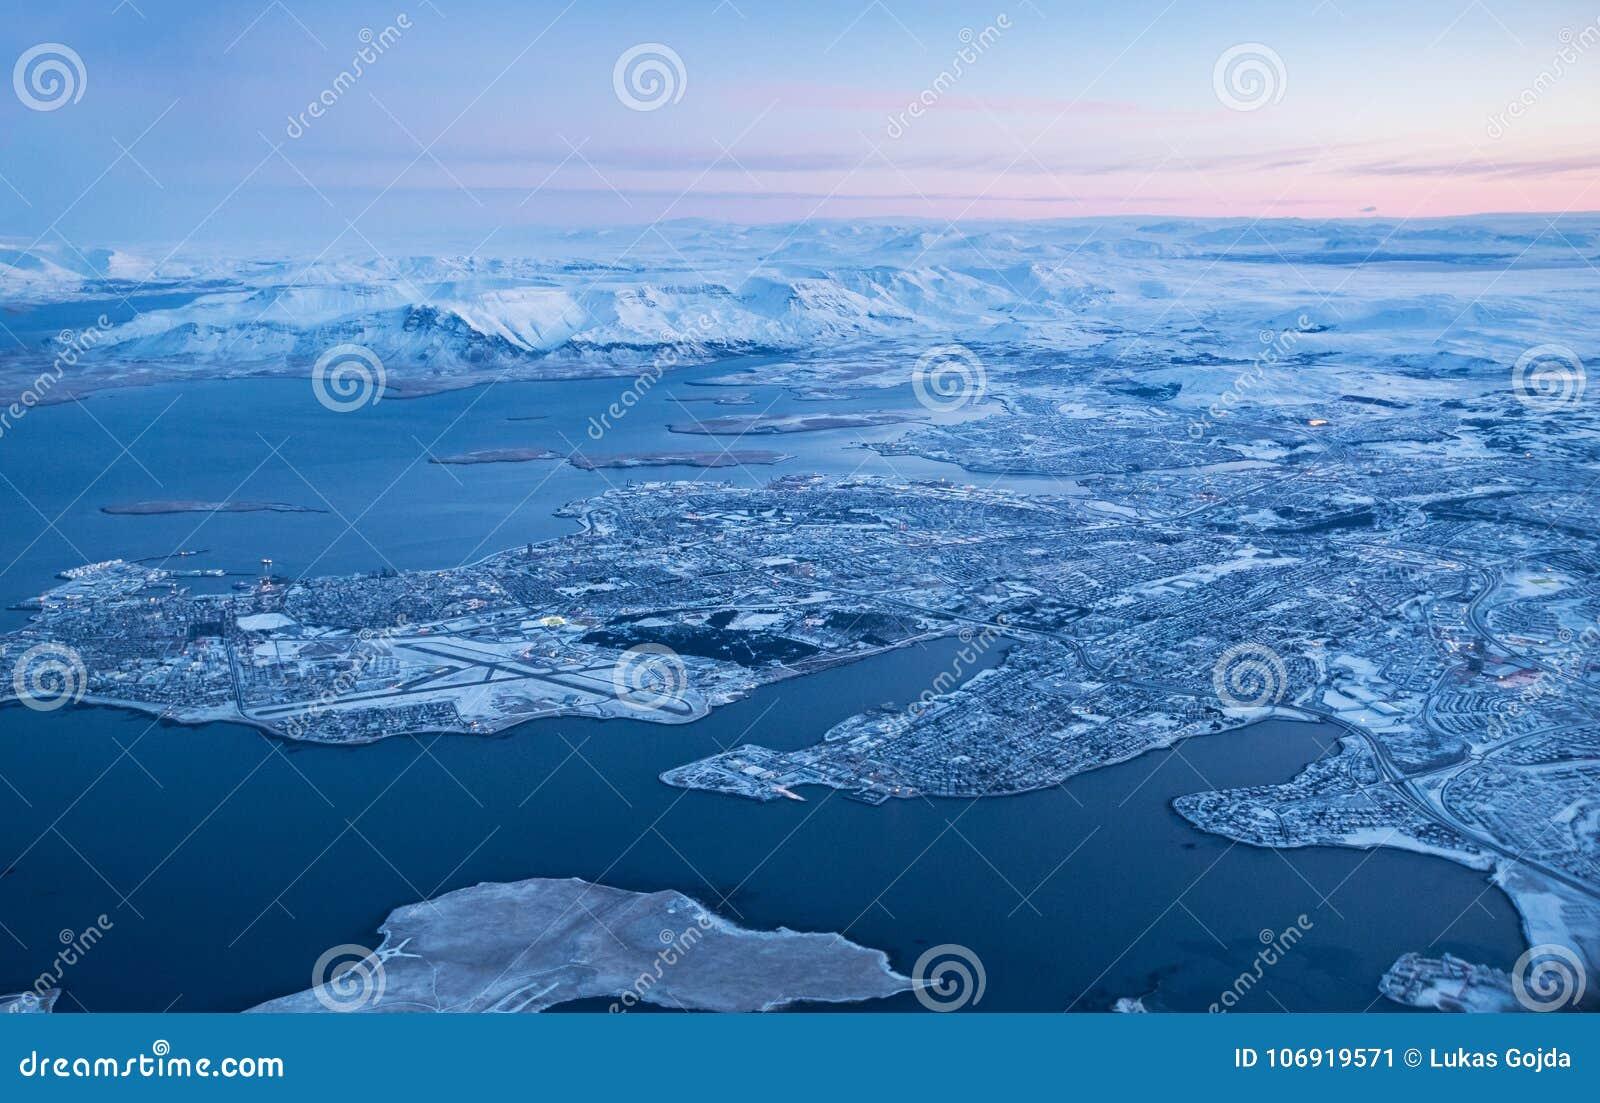 Widok Keflavik miasto w zimie przez samolotowego okno